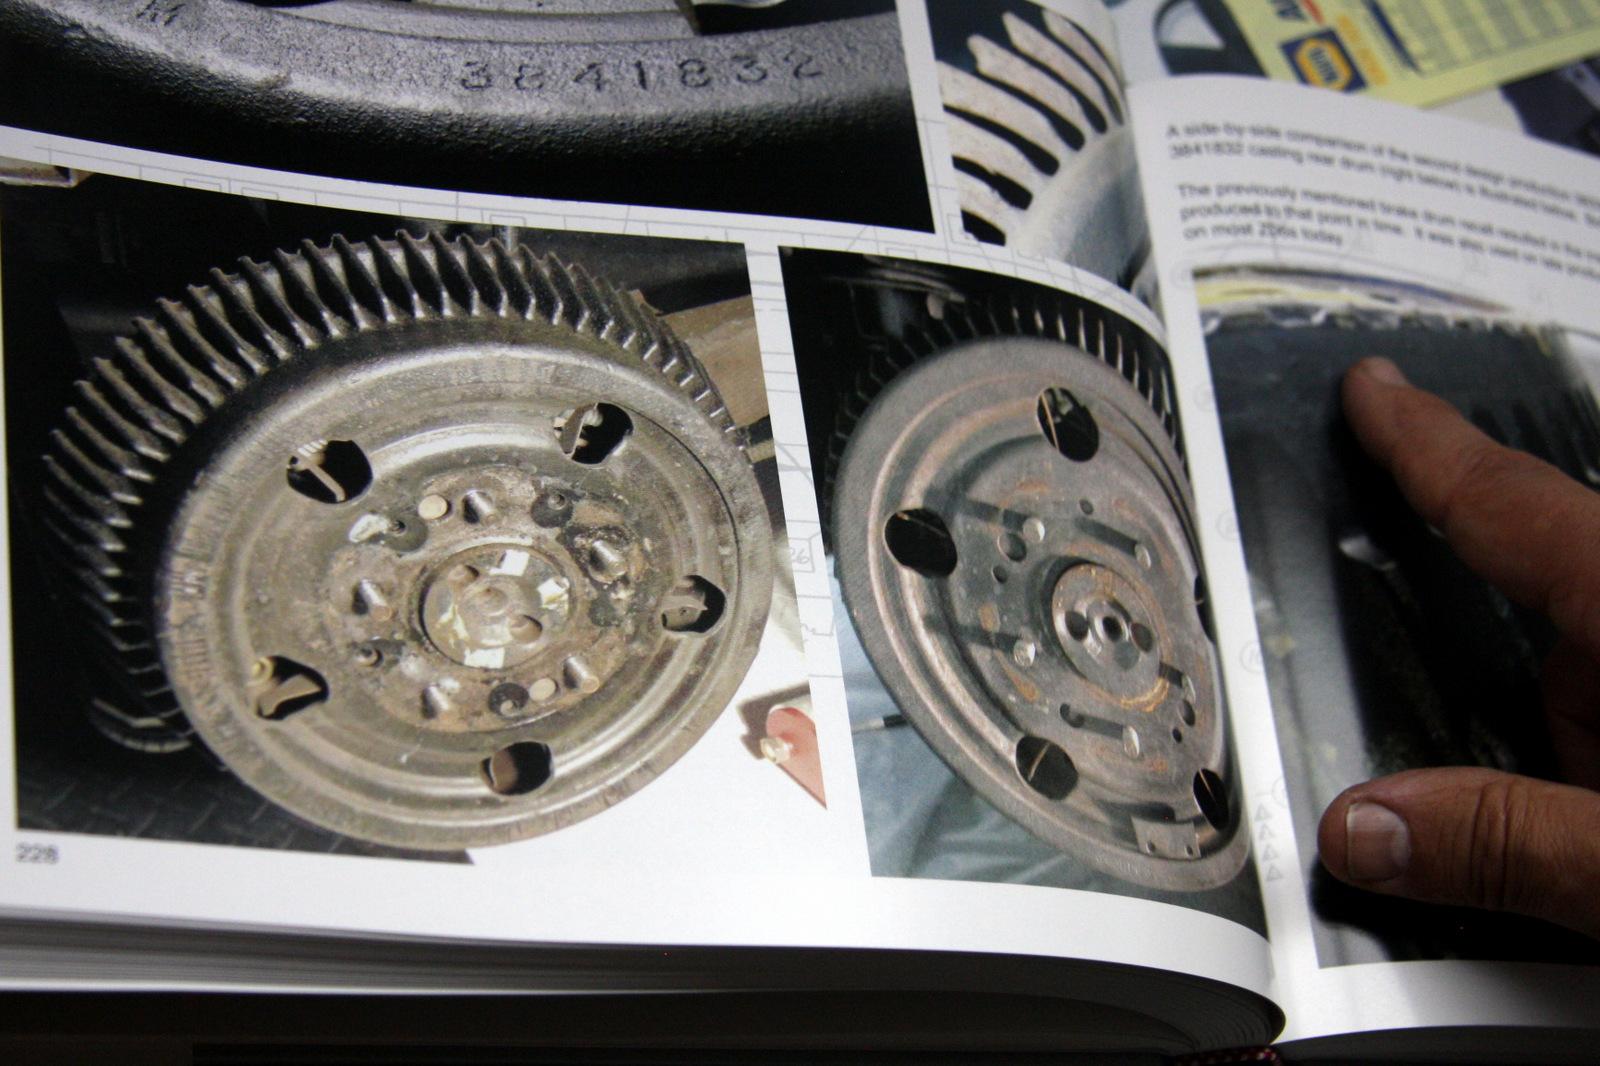 Z06 drum brakes in the book